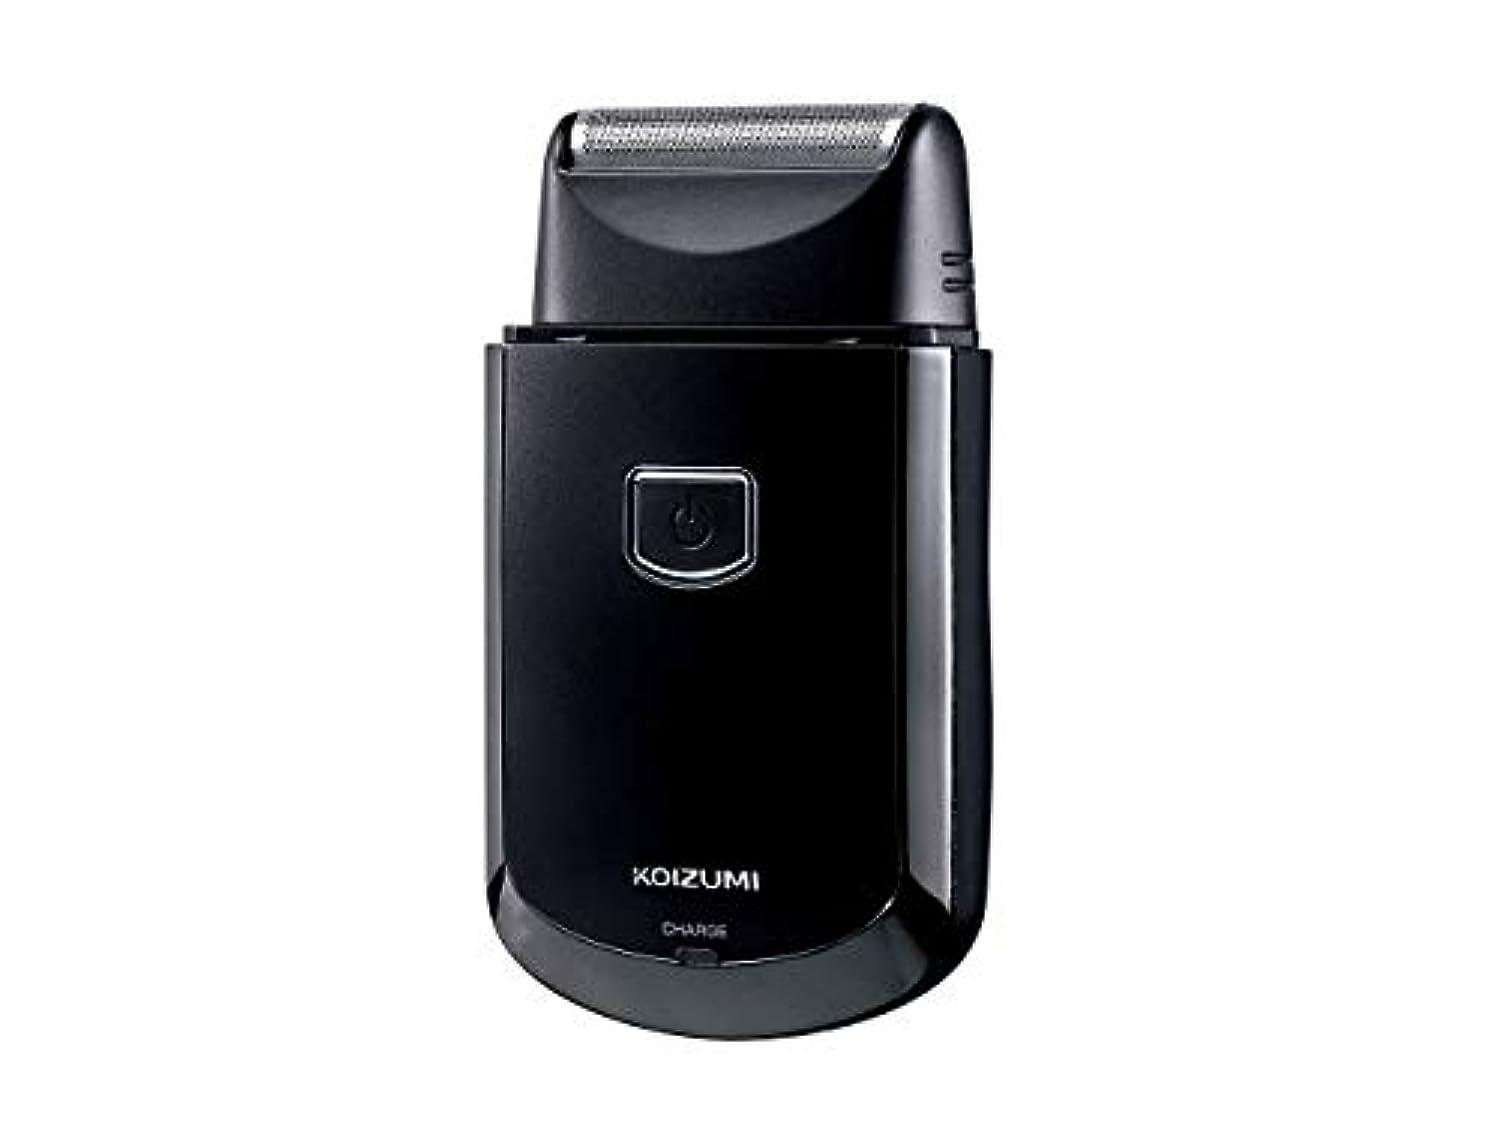 自慢居間ただやるコイズミ メンズシェーバー USB充電式 往復式 ブラック KMC-0700/K